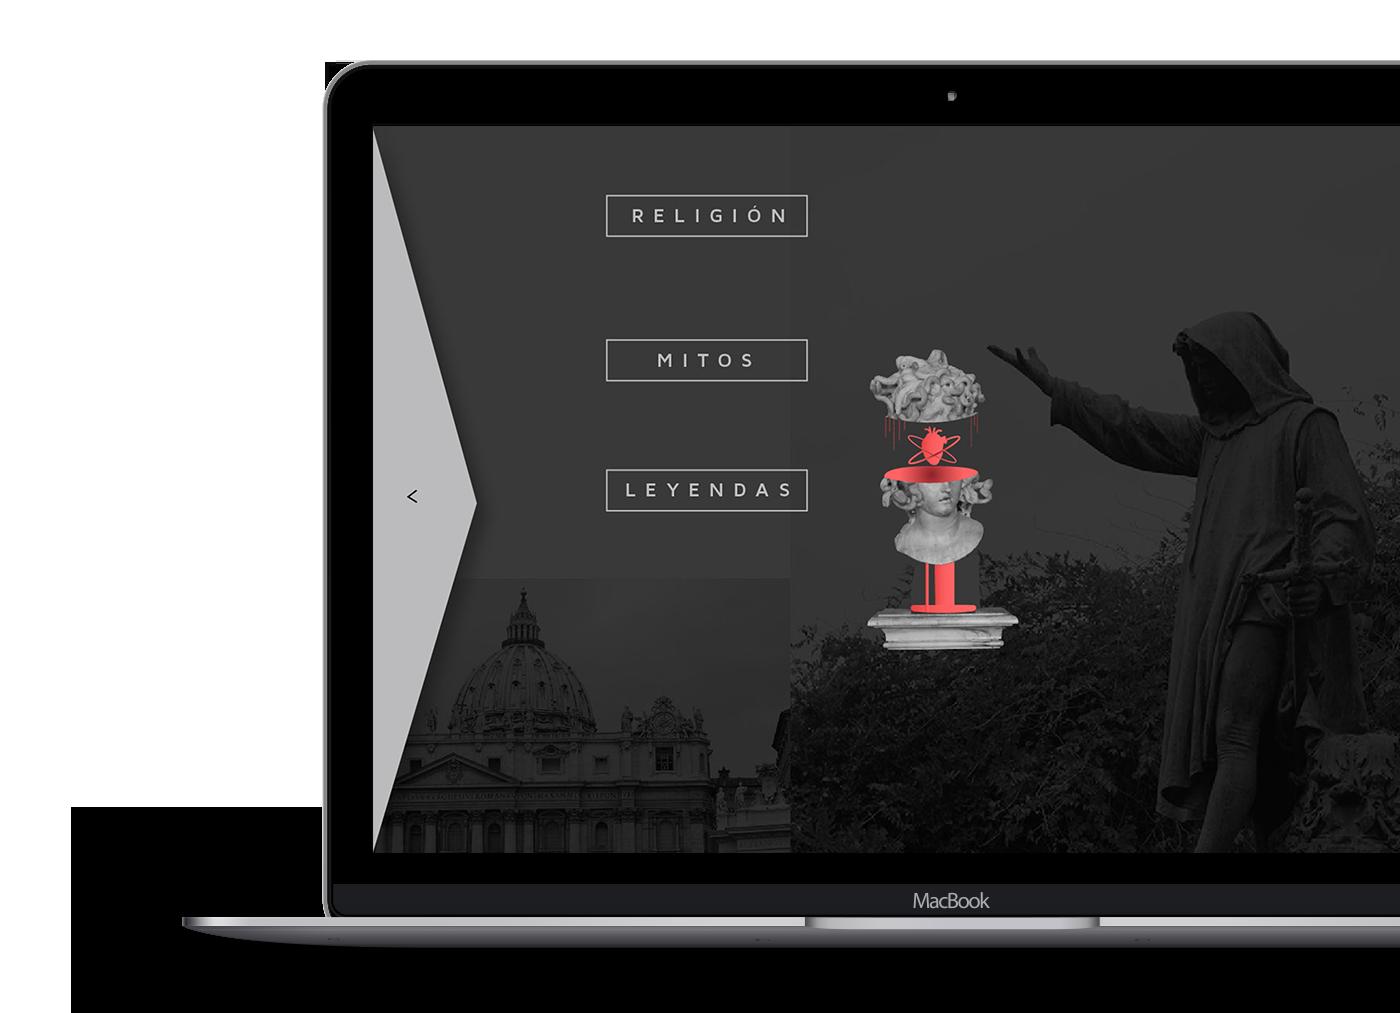 art roma Rome maquetacion web Web red grey miguel angel religion ux/ui